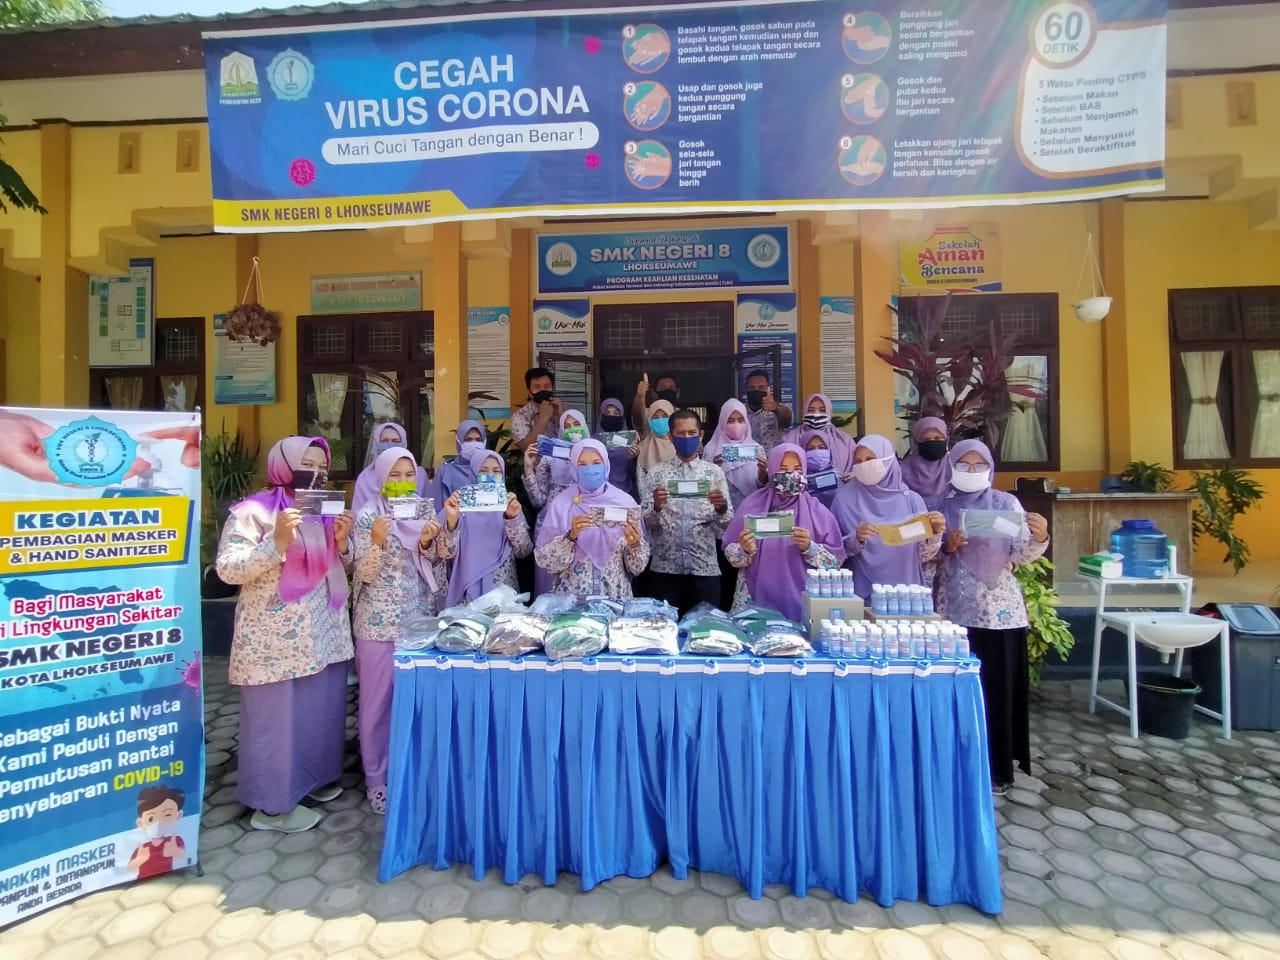 Cegah Covid 19 Smkn 8 Lhokseumawe Bagi Bagi Masker Dan Sanitizer Jaringan Pelajar Aceh